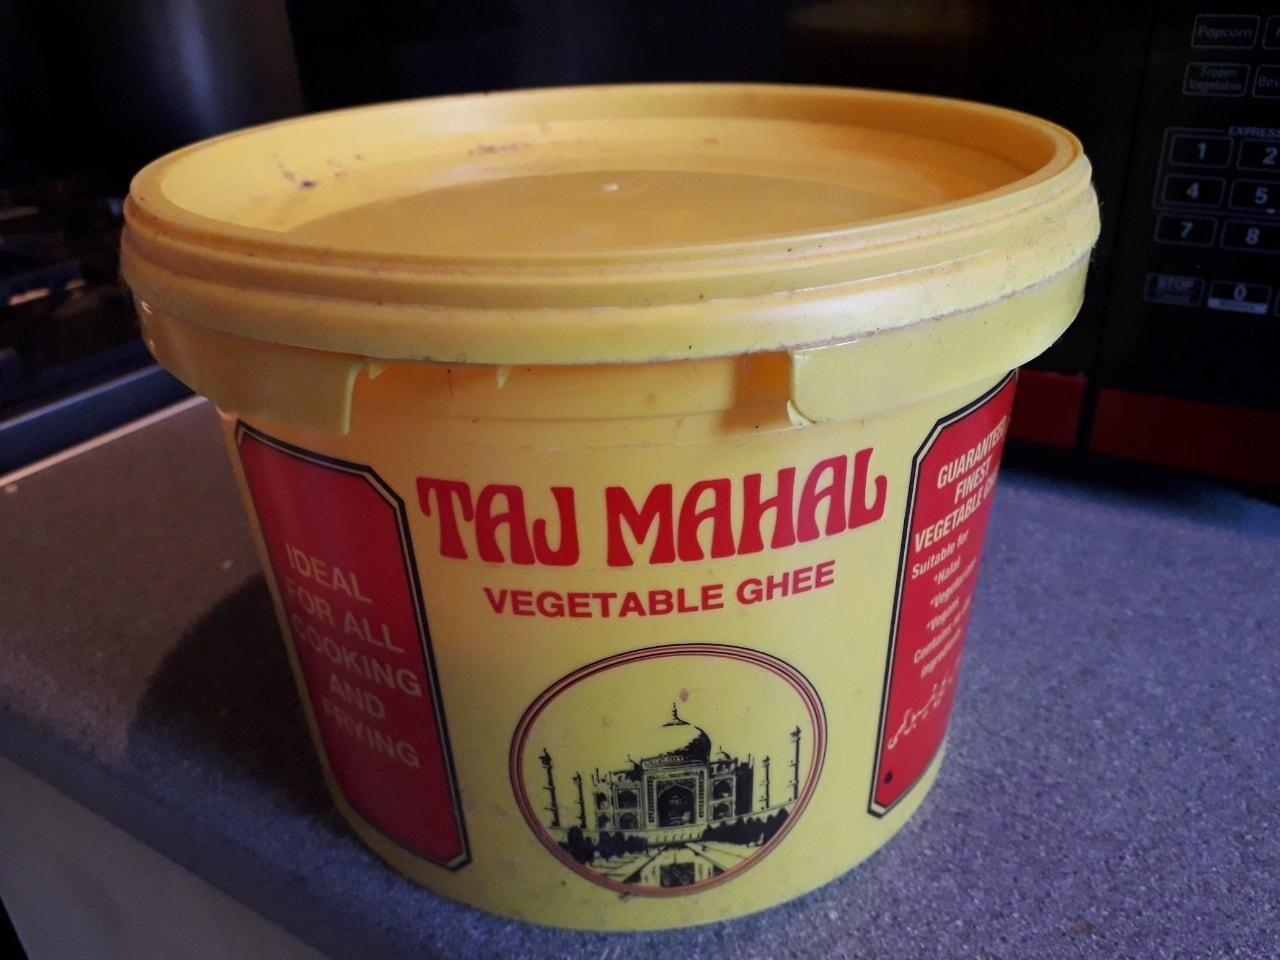 Vegetable ghee